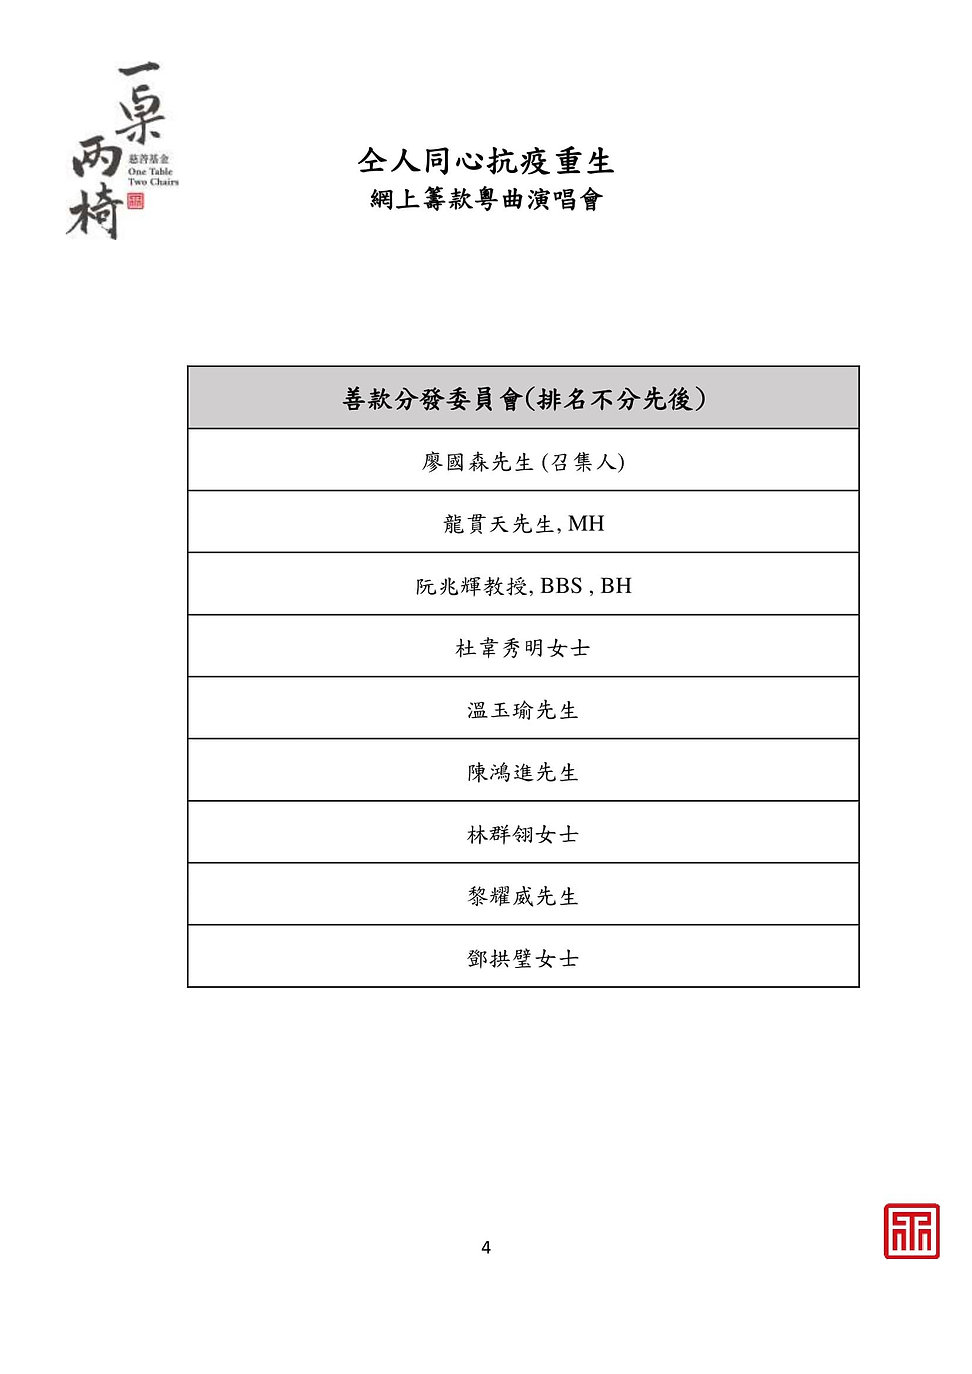 仝人同心抗疫重生 information pack_0004 (1).jpg